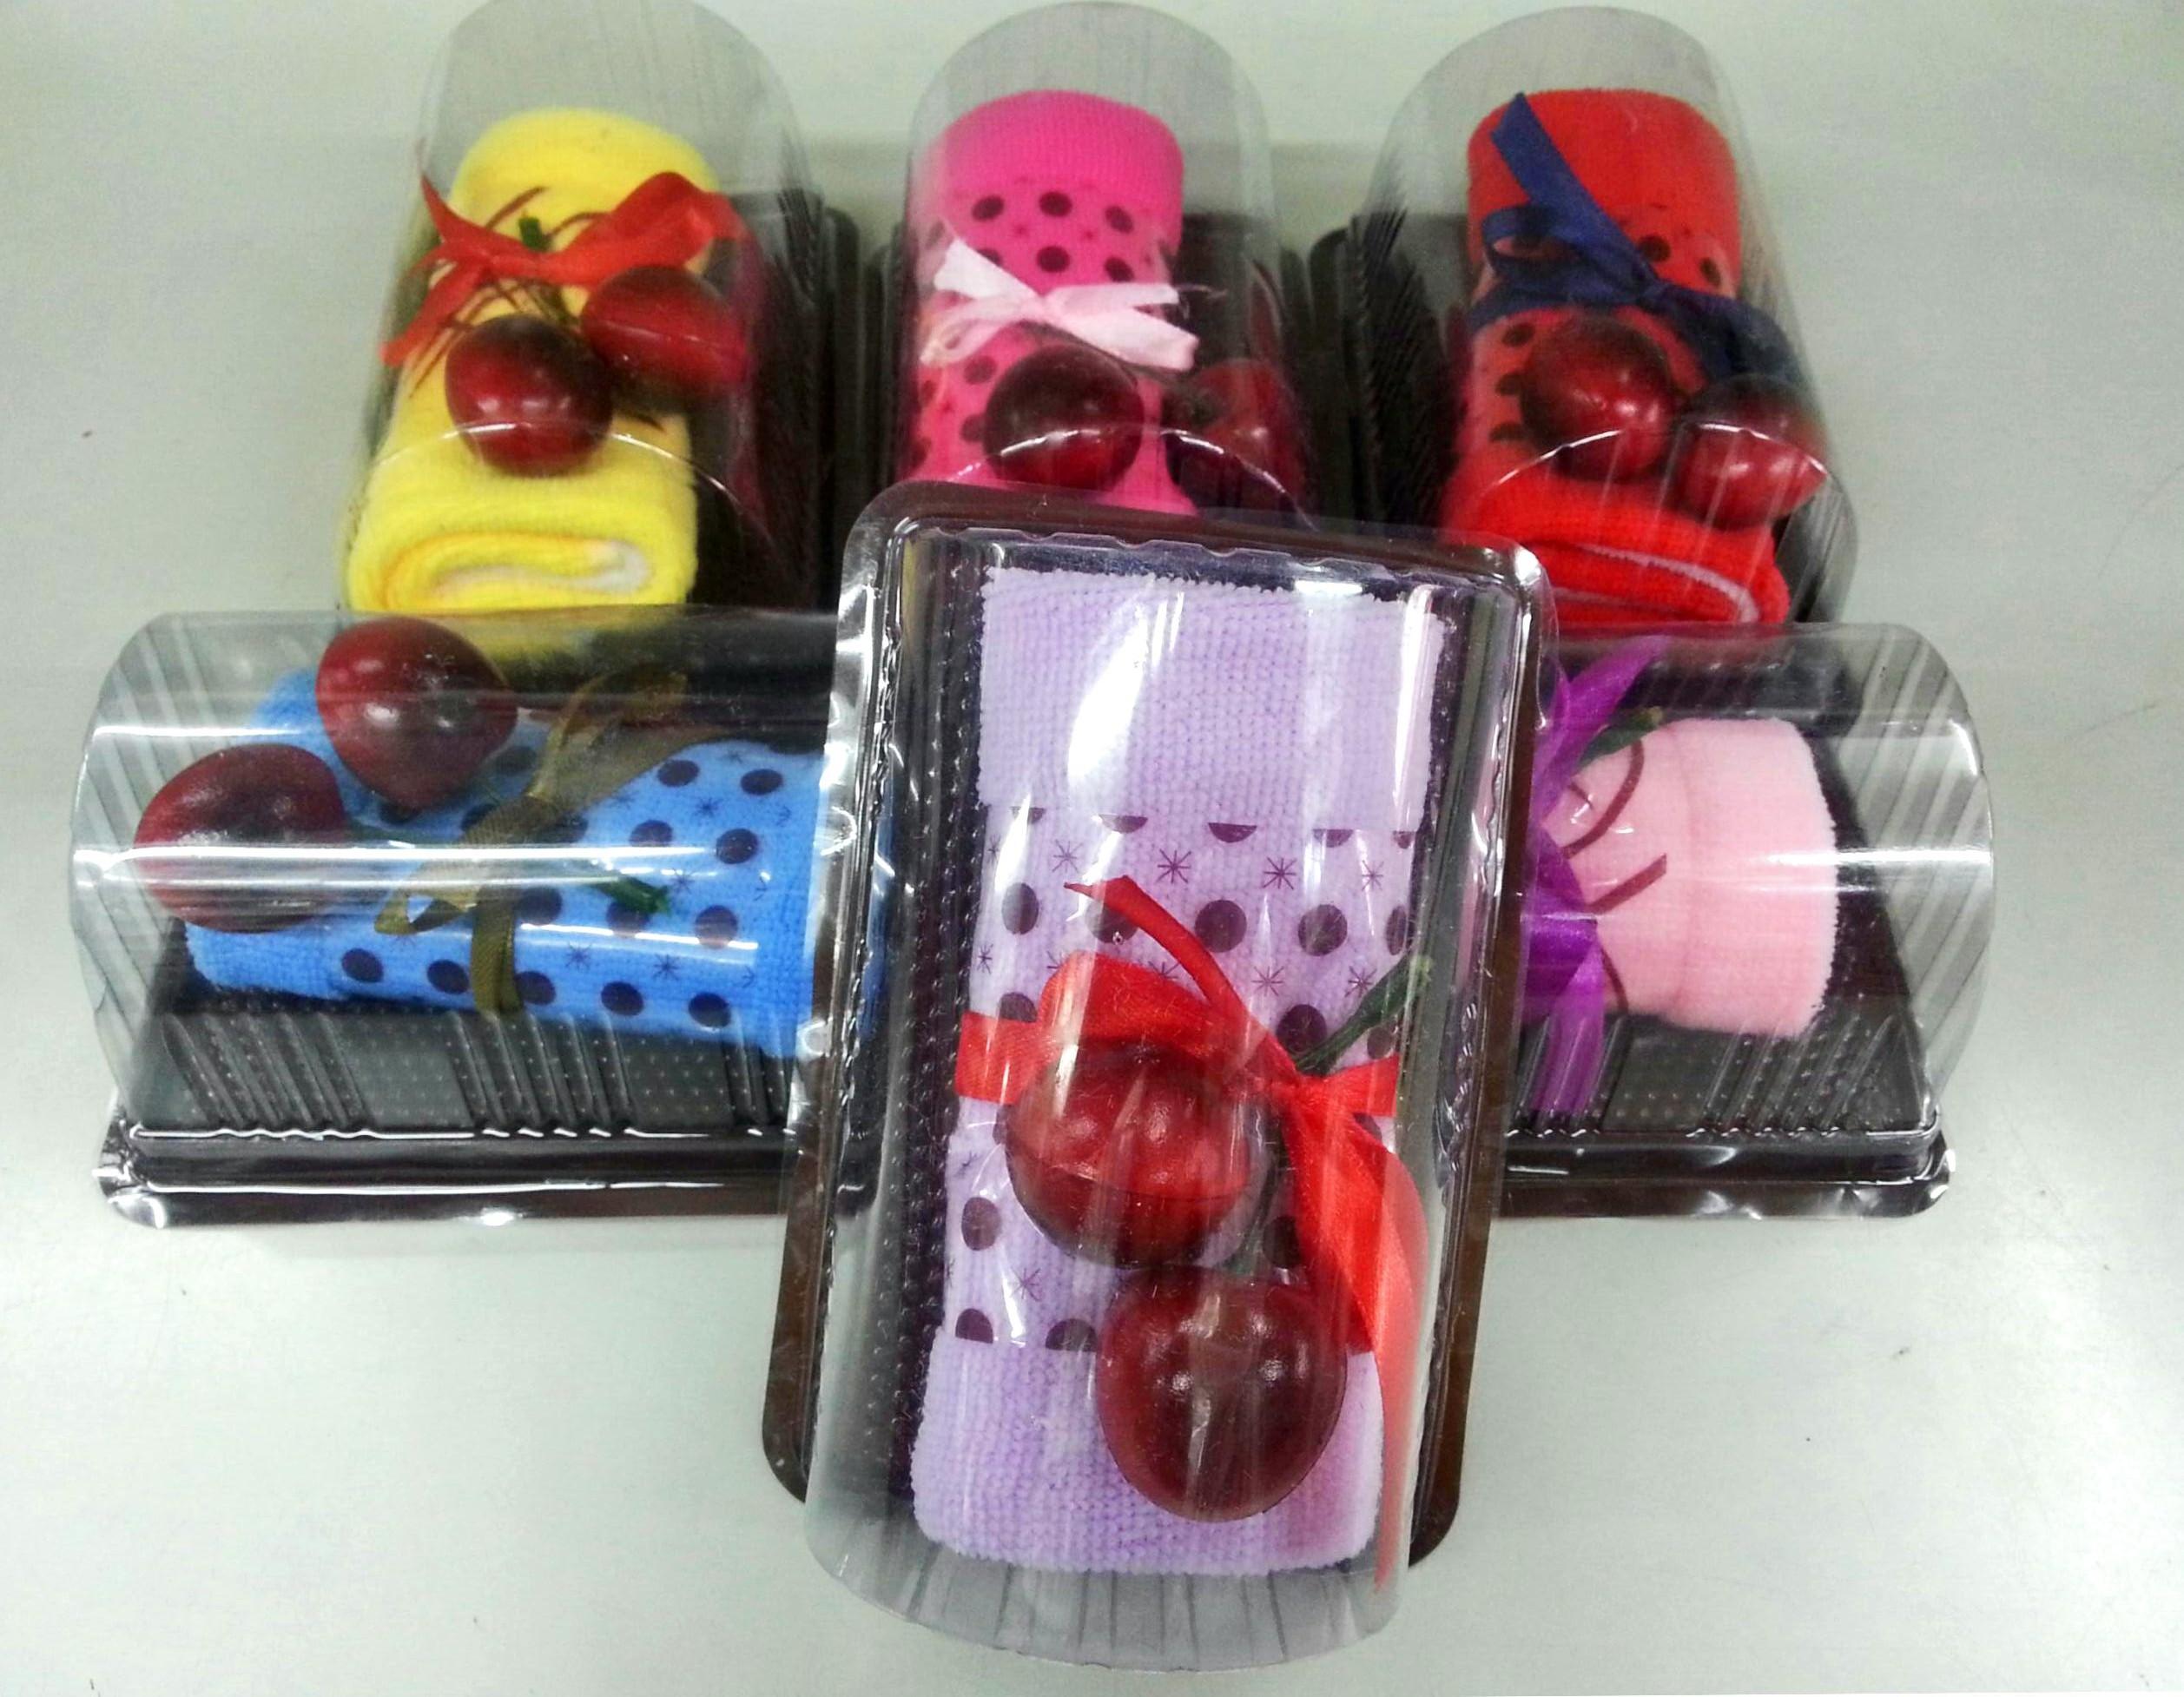 แยมโรลผ้าขนหนู เซอร์ไพร์สวันพิเศษ (วันเกิด,วันวาเลนไทน์,วันแห่งความรัก) สีม่วง